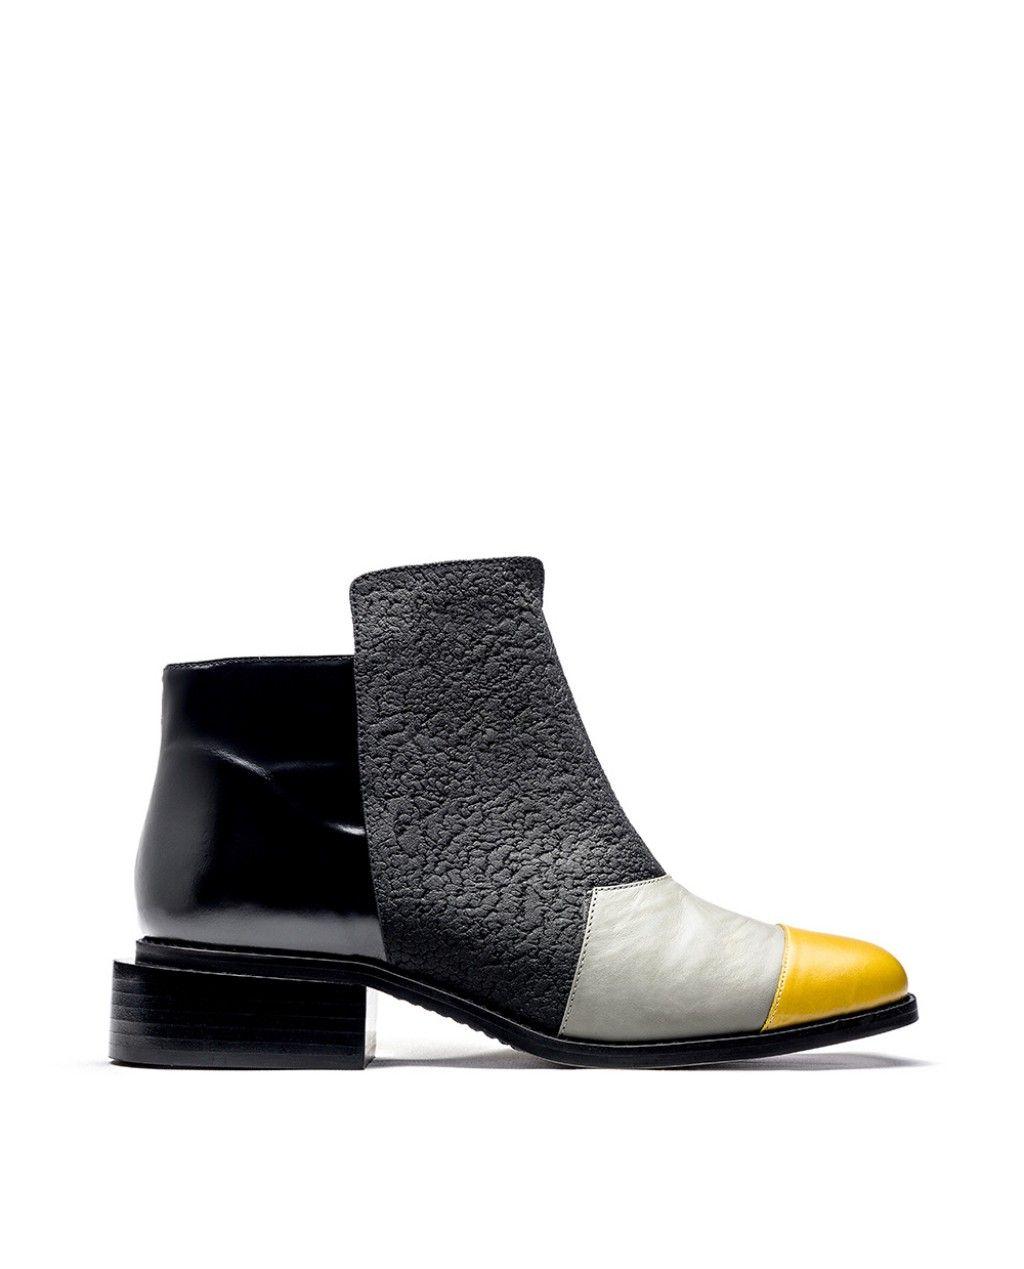 #2 Nuu Shoes